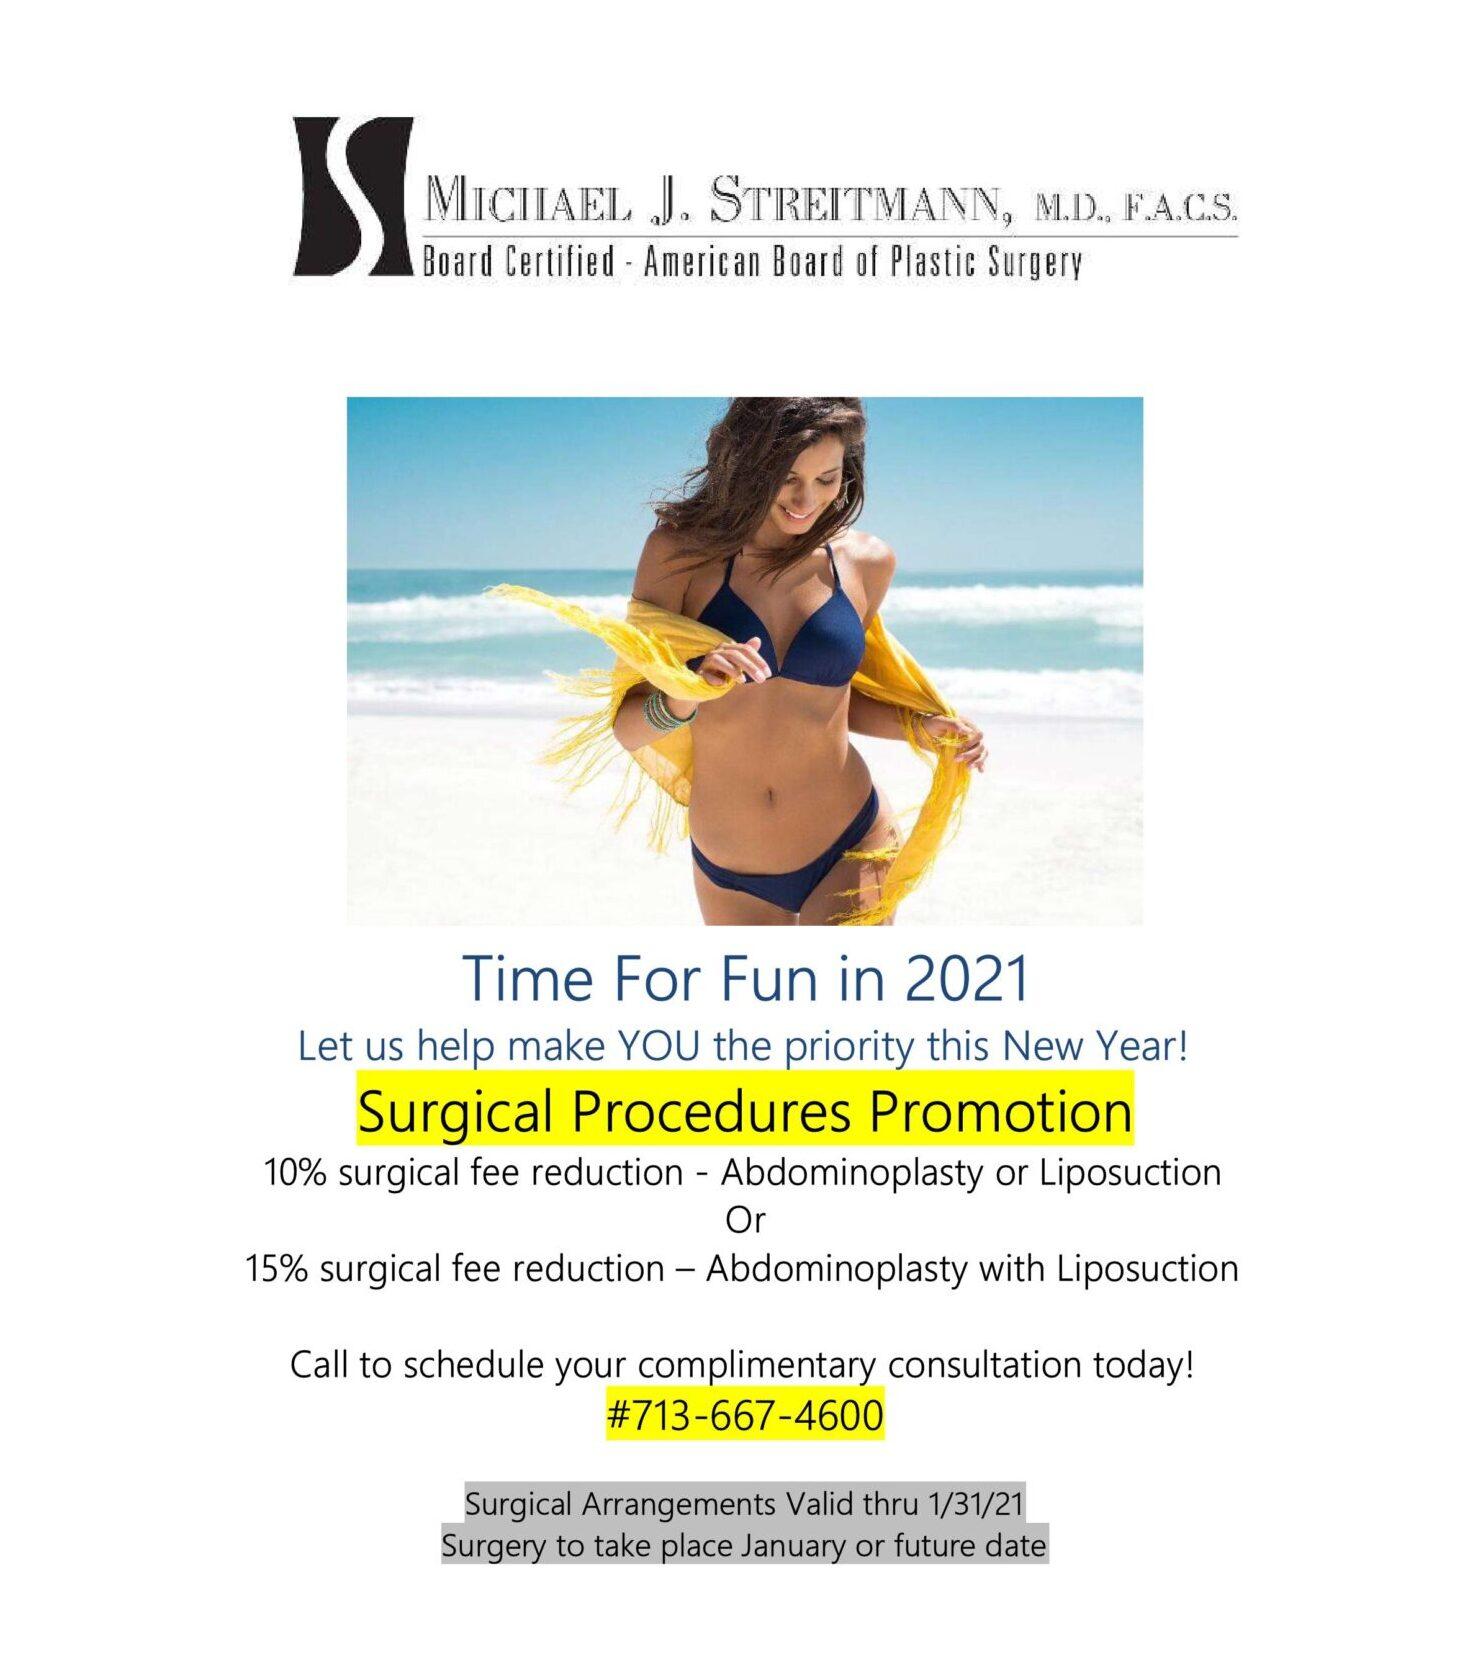 dr michael streitmann jan 2021 specials houston plastic surgeon